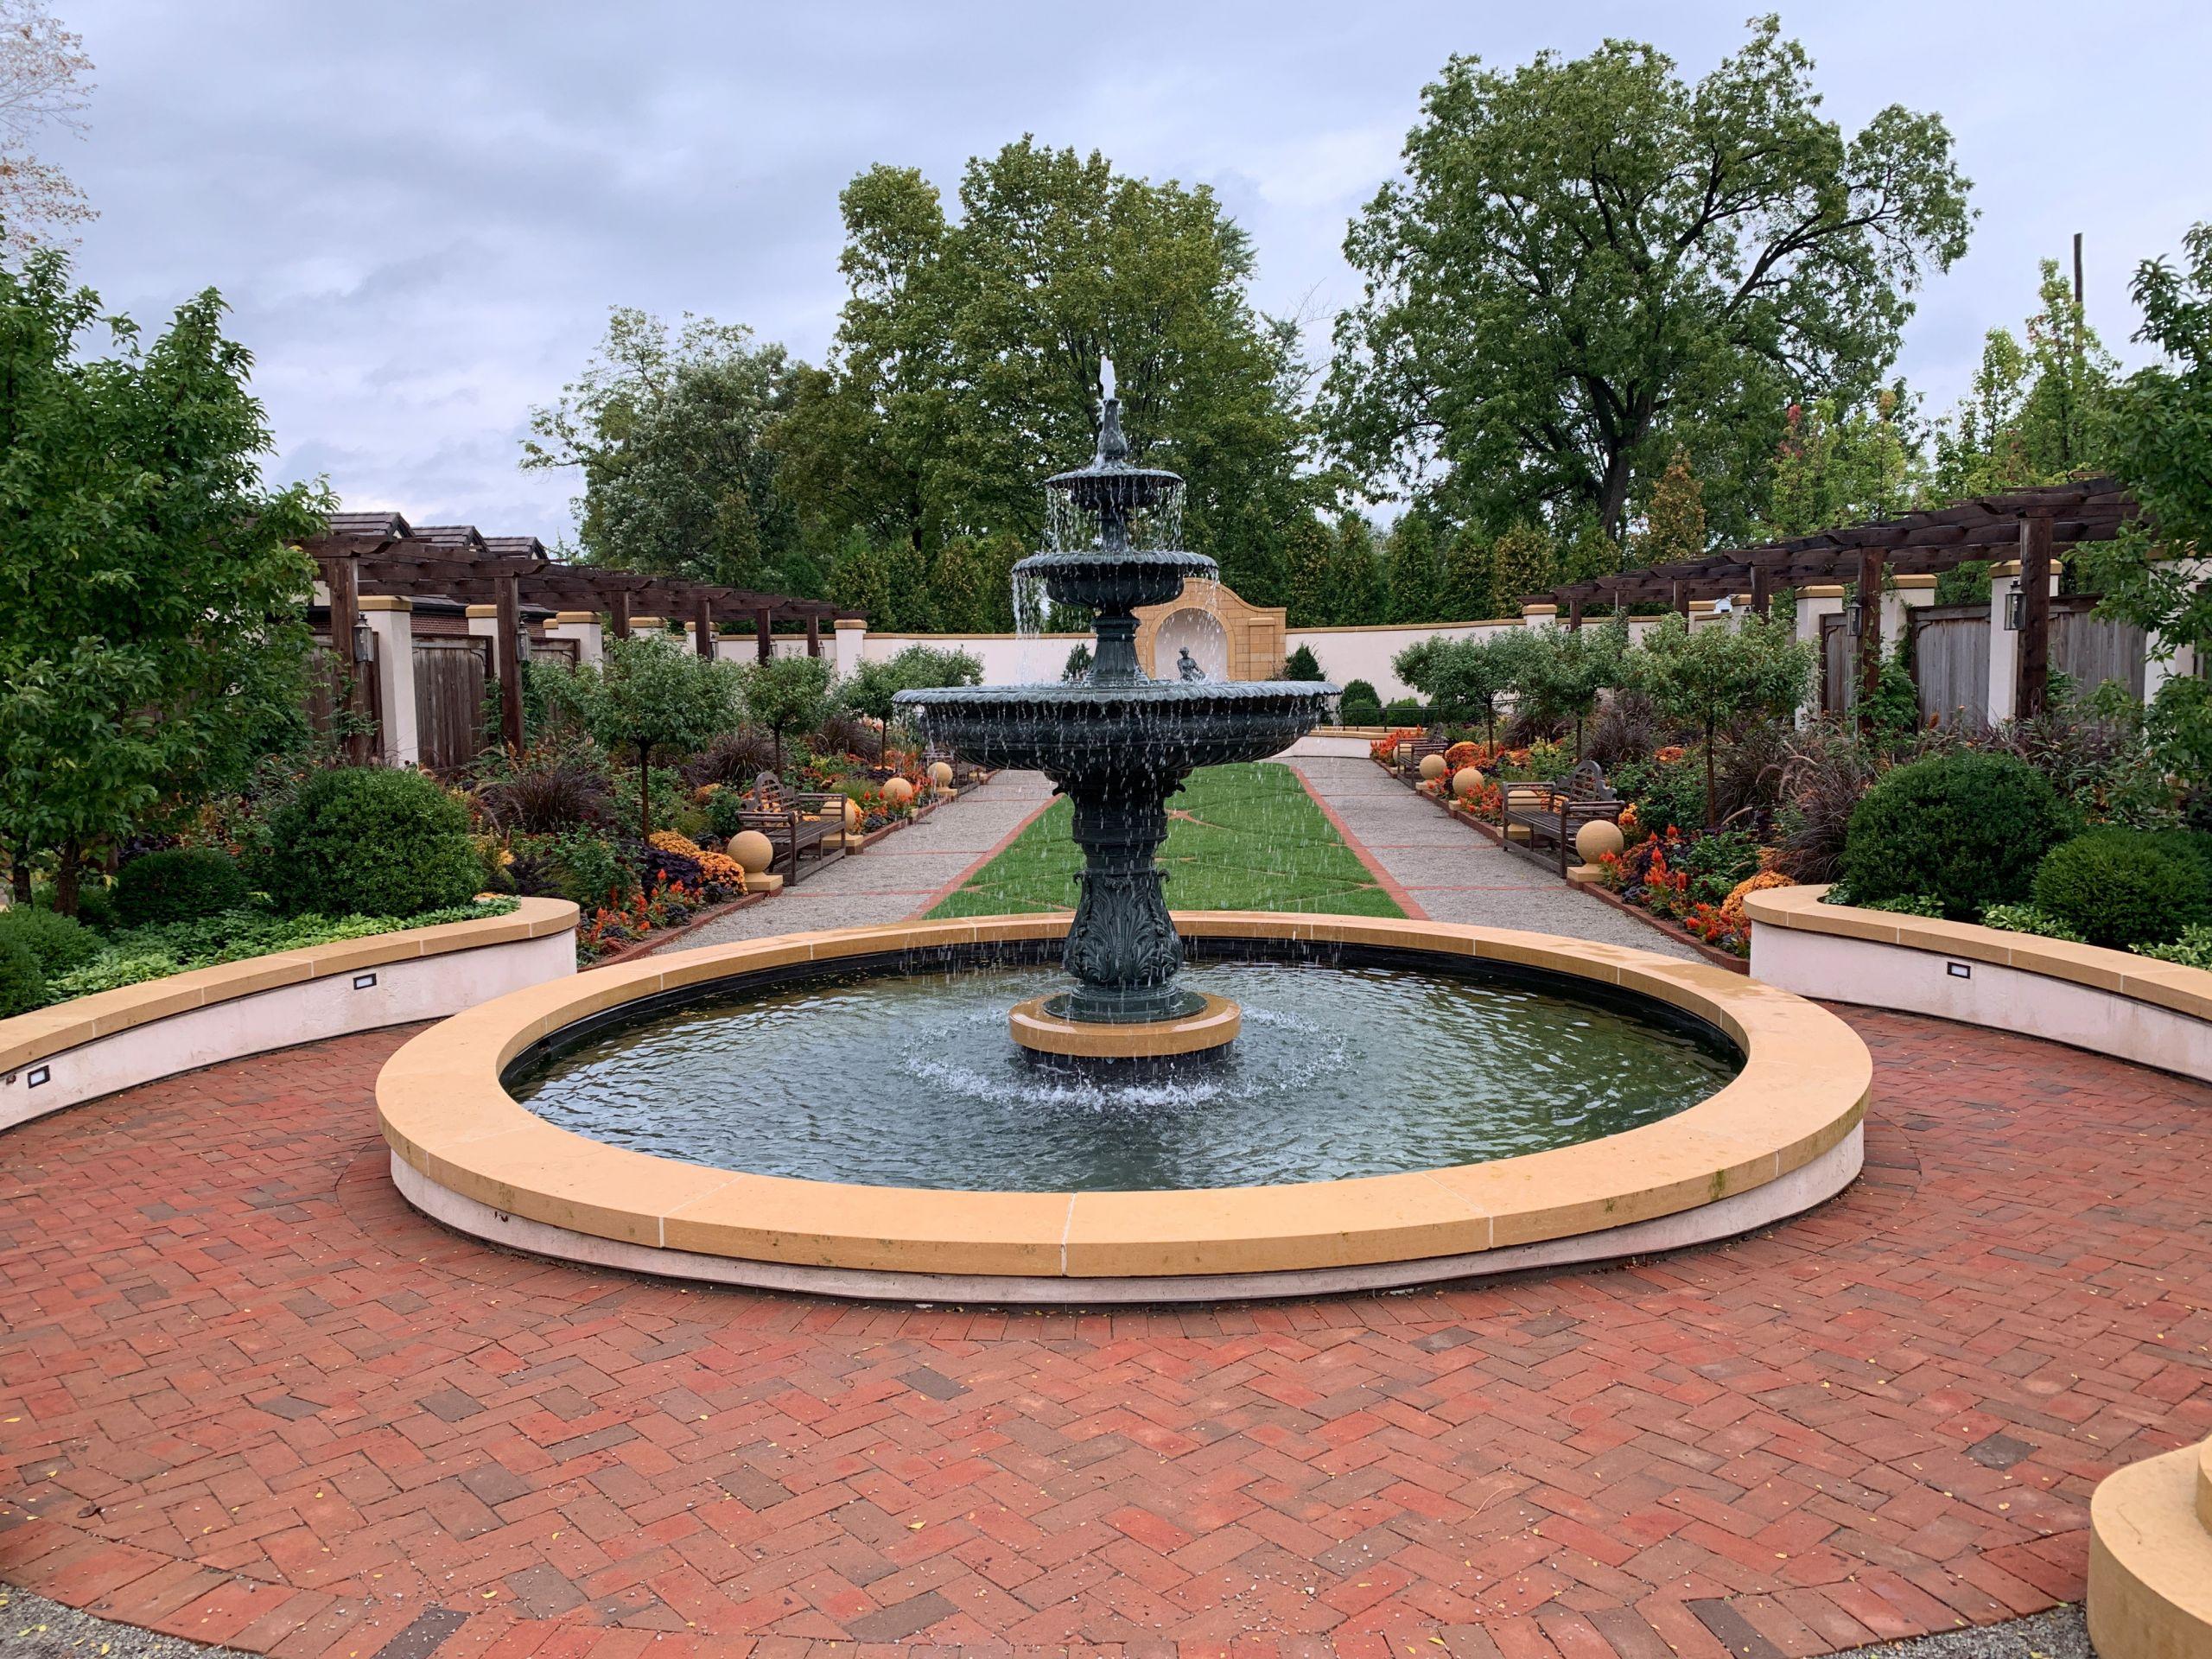 Landscape Fountain Public  Fountain in the garden image Free stock photo Public